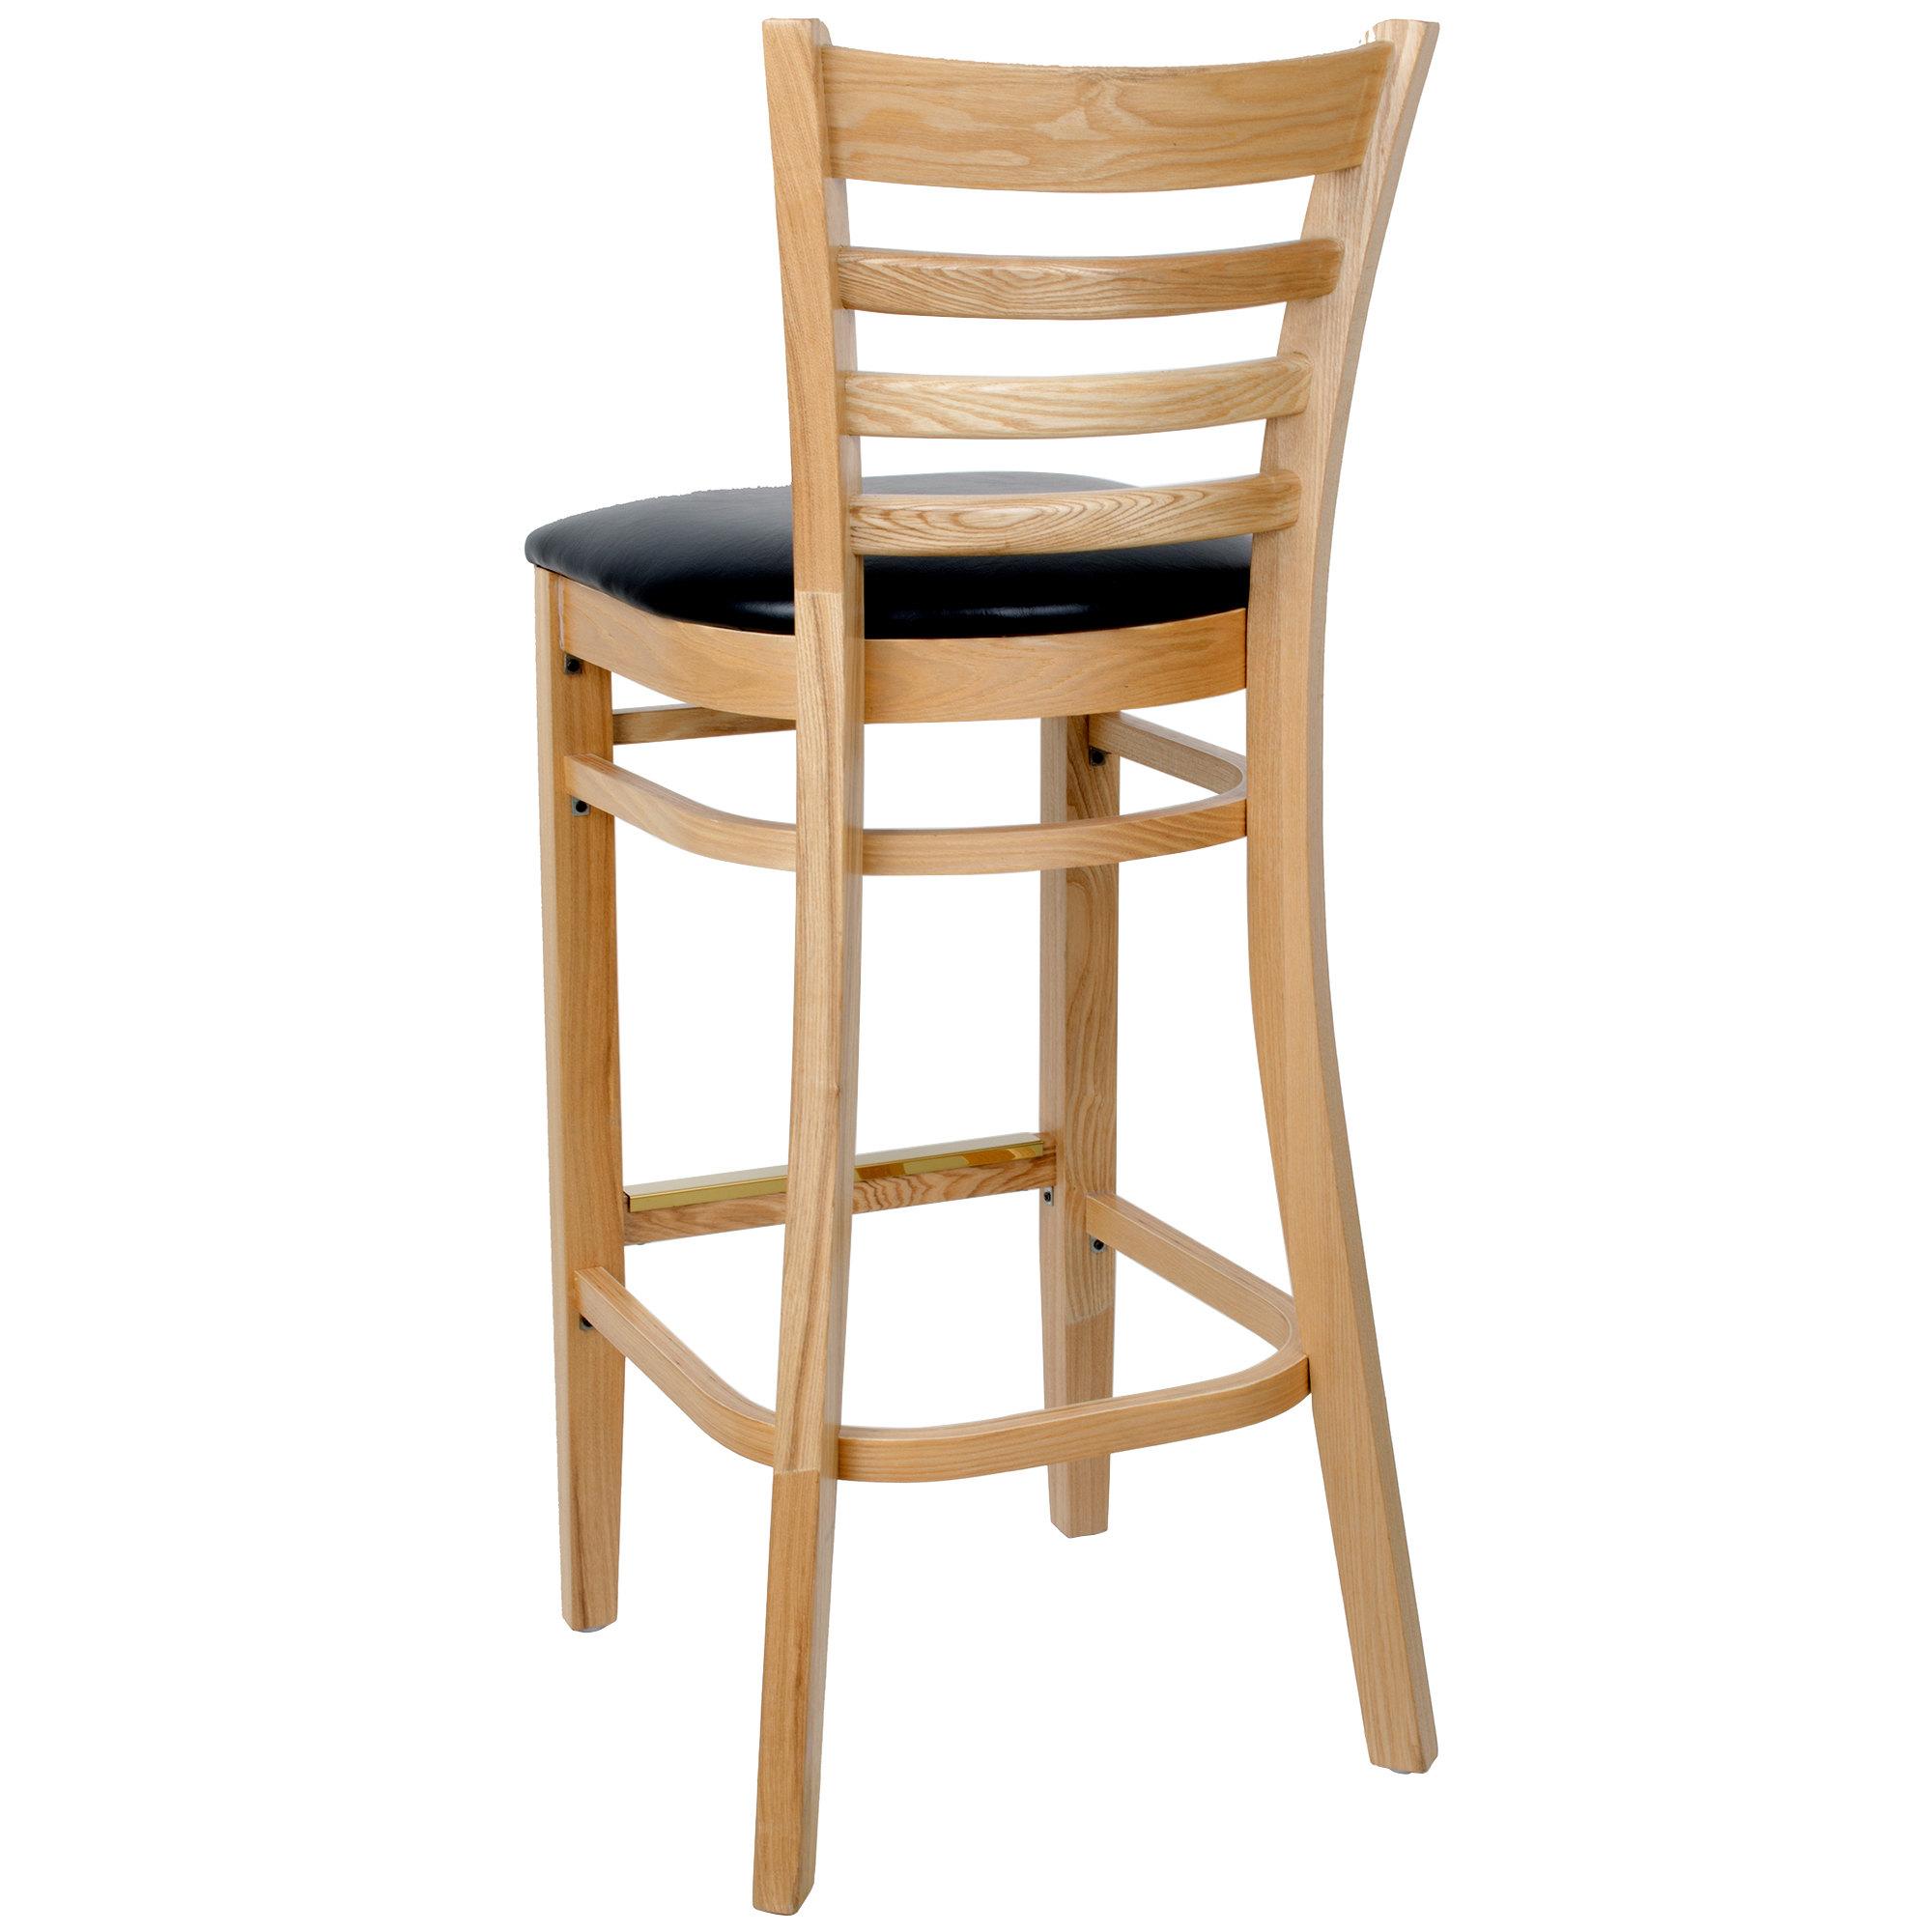 #60 - Natural Wood Finished Ladder Back Restaurant Barstool with Black Vinyl Seat